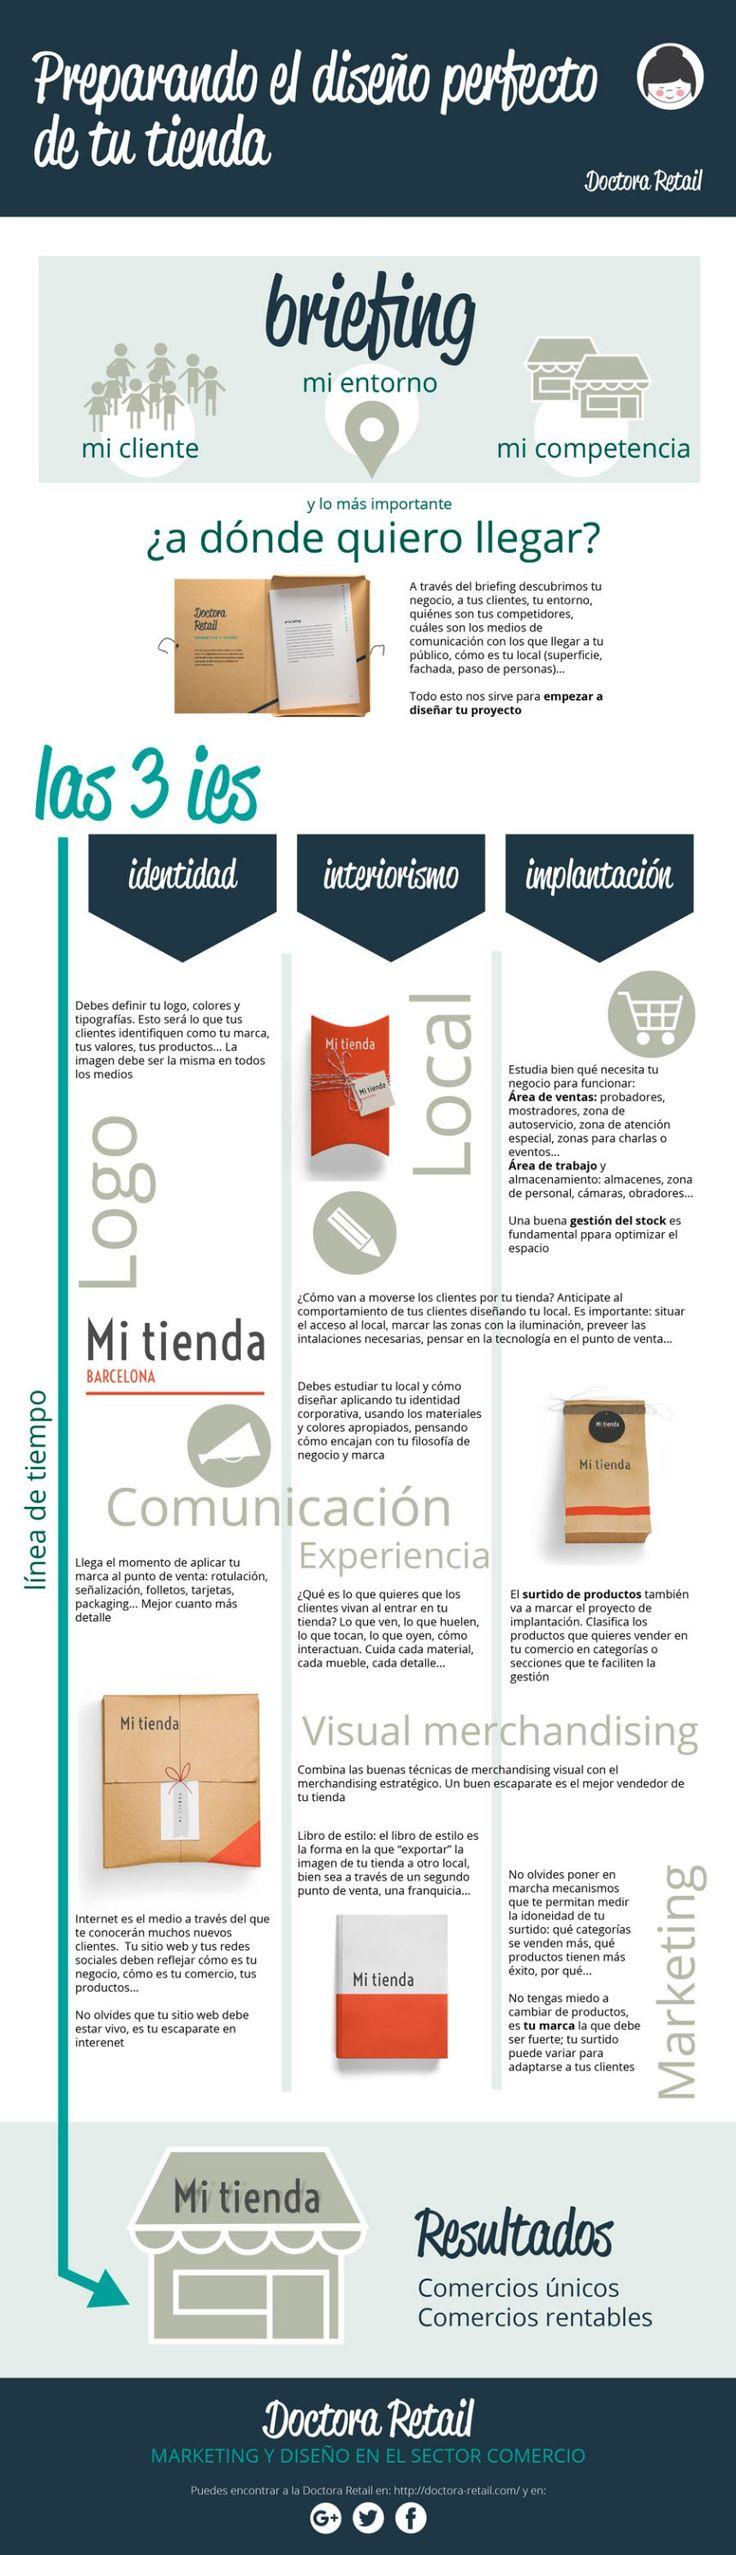 Cómo preparar el Diseño perfecto de tu Tienda Online #infografia #ecommerce #design